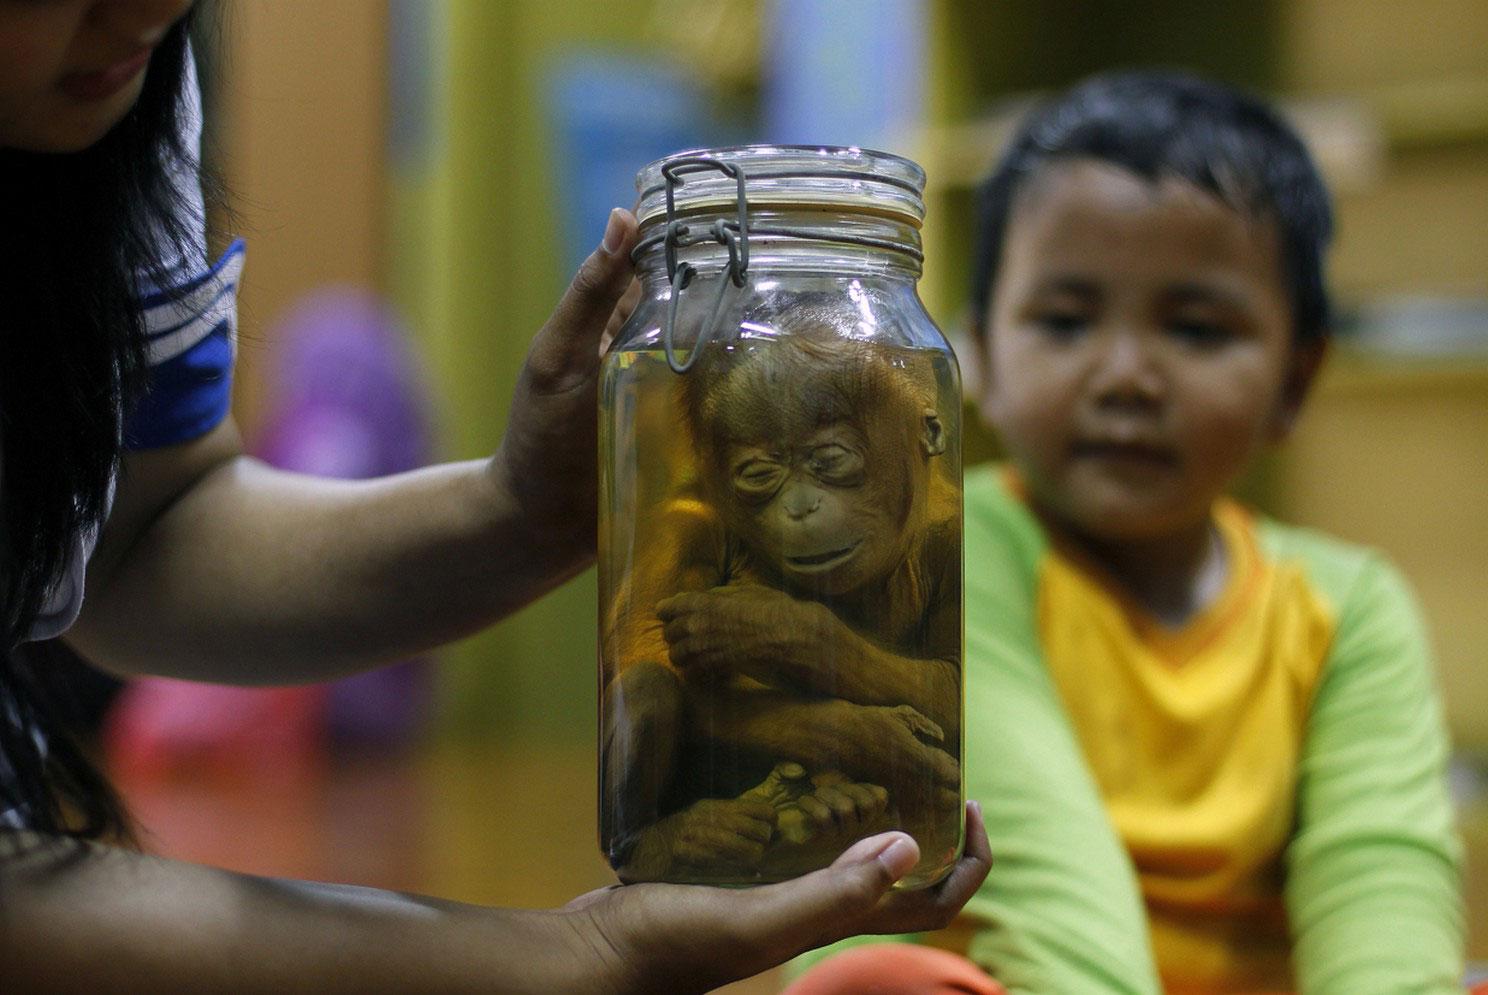 детеныш орангутанга в банке